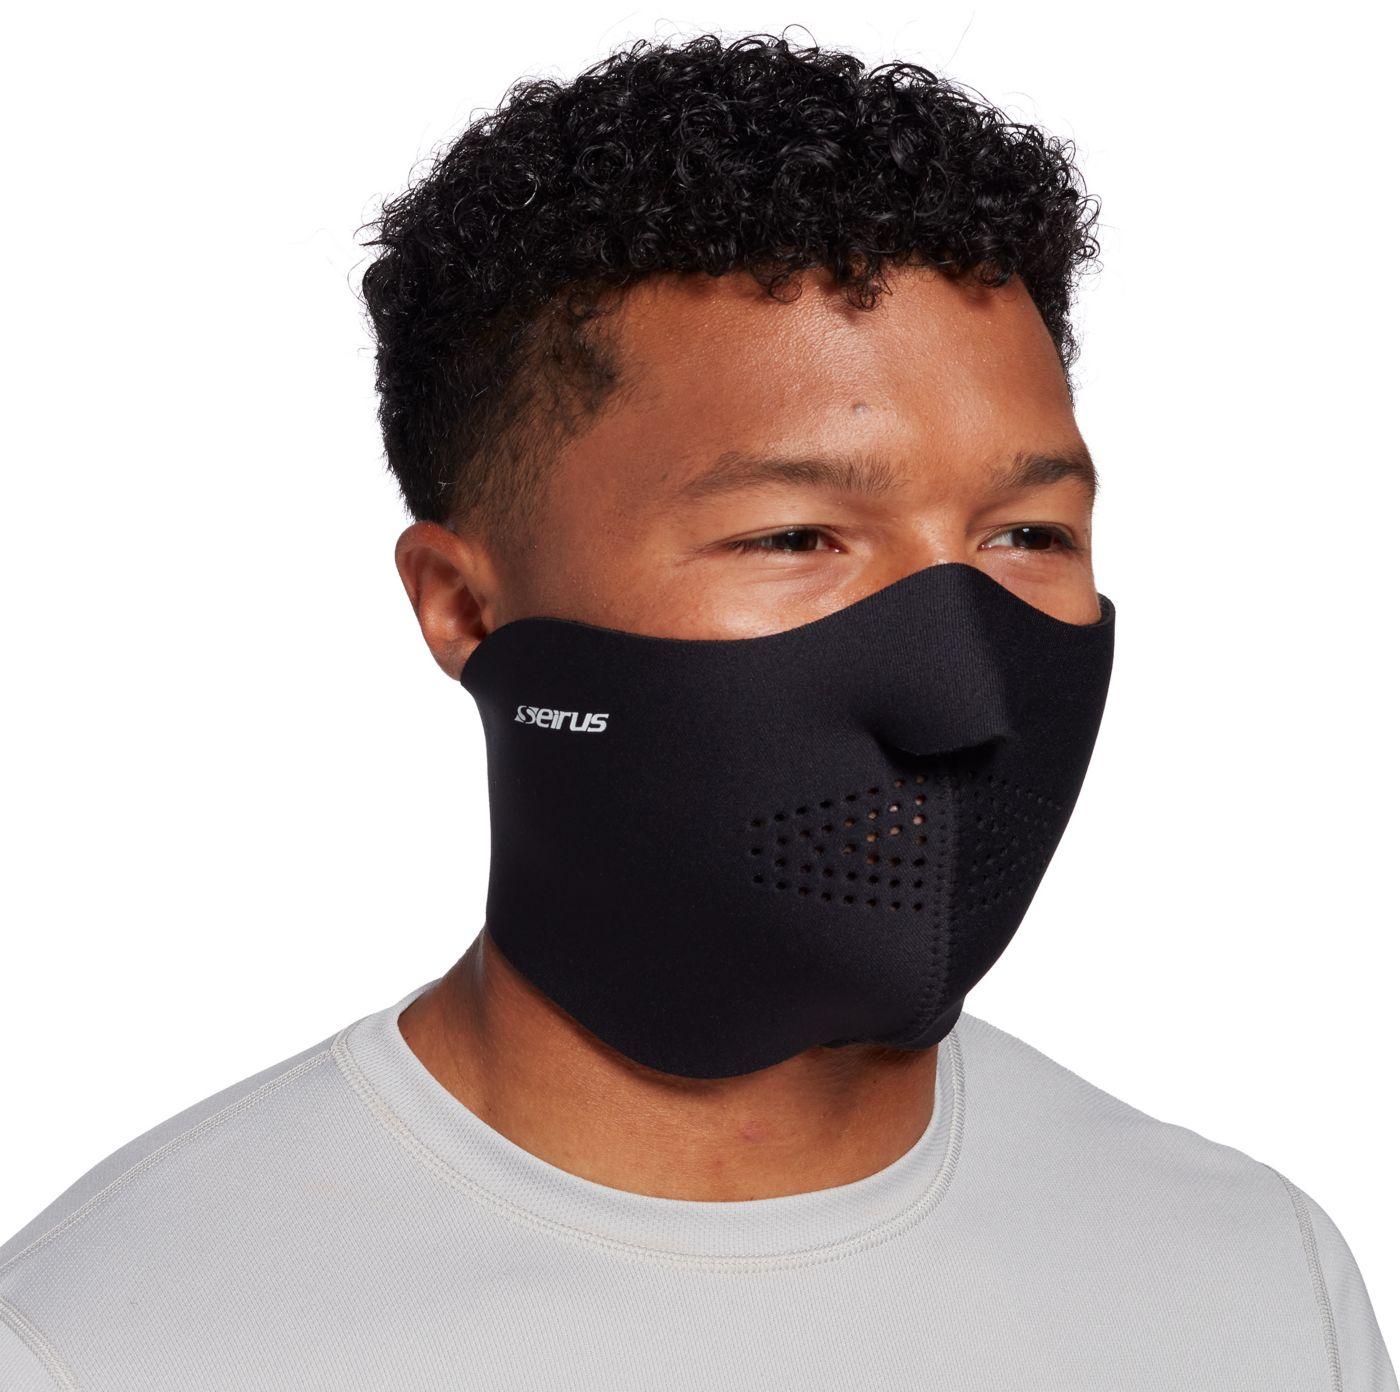 Seirus Men's Comfort Masque